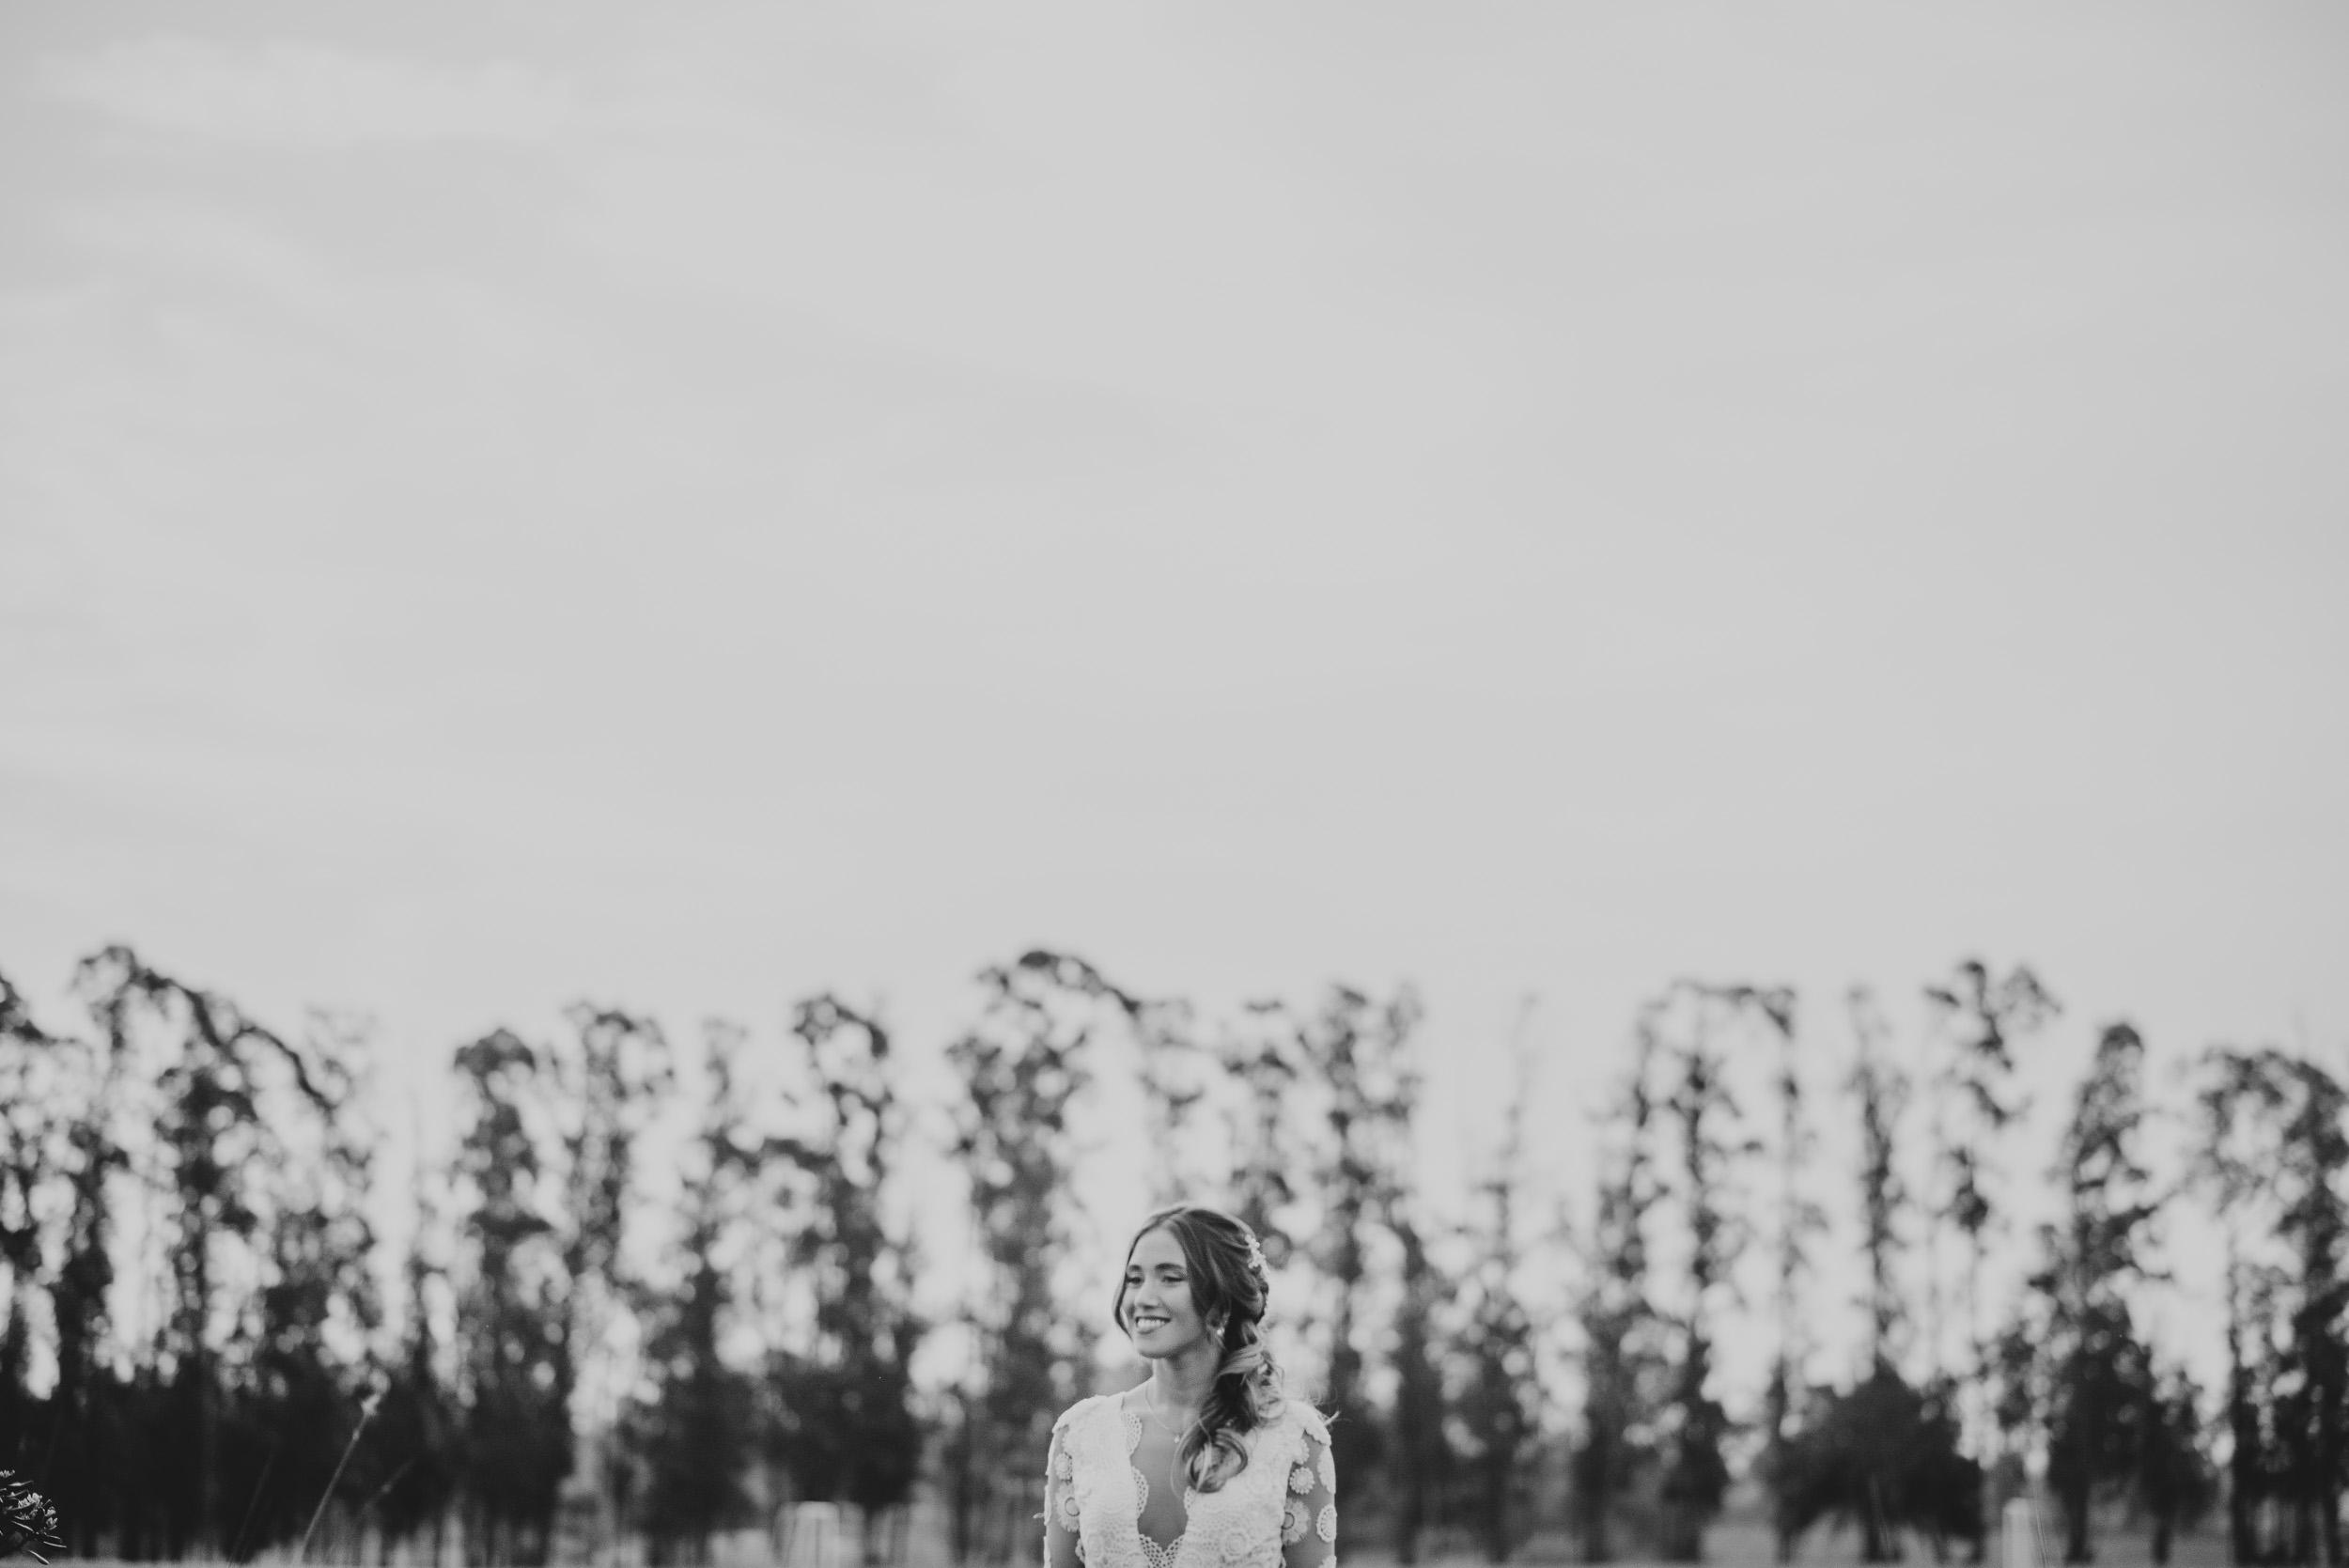 Mati & Juan boda en Bodega Jacksonville , FOTOGRAFIA DE BODA POITEVIN LOPEZ-48